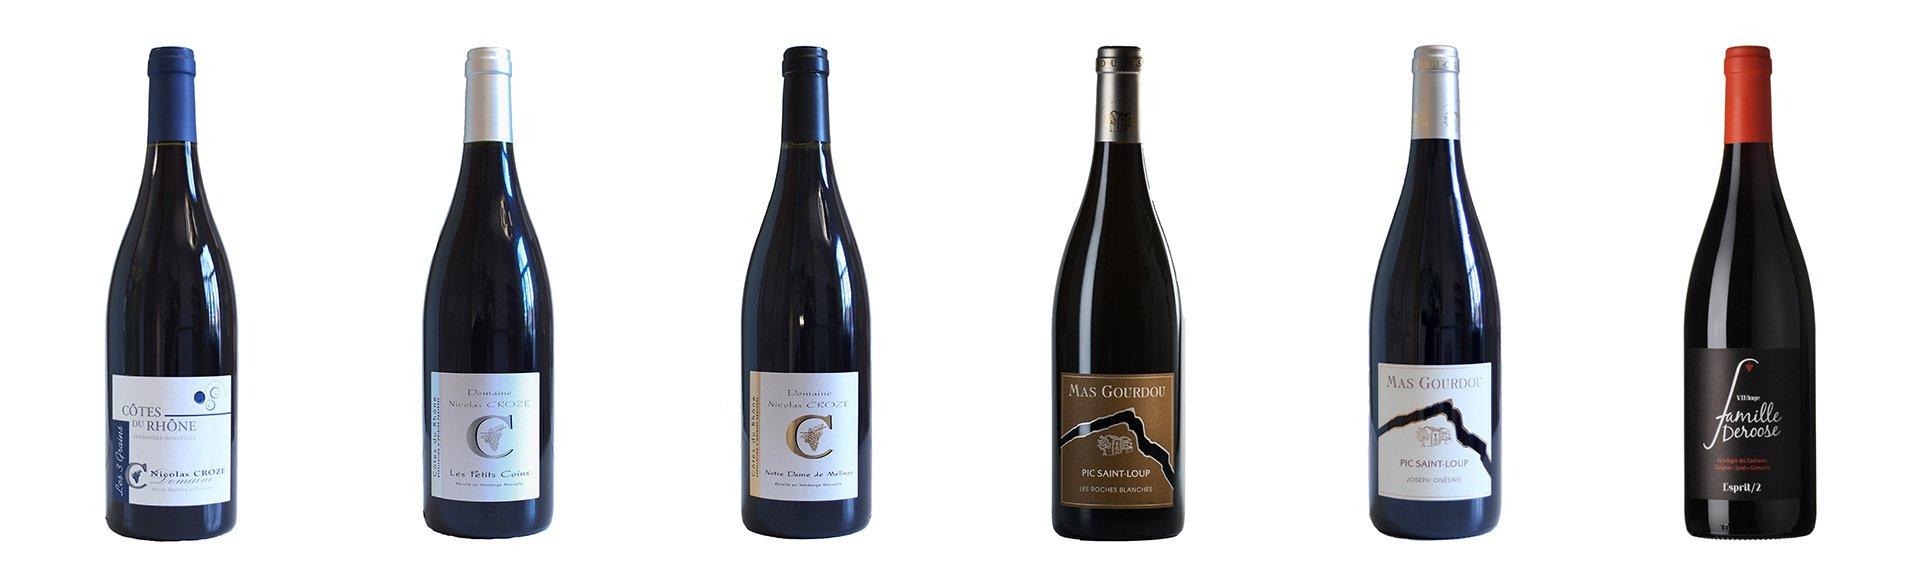 Wijnpakket met 6 Franse rode wijnen